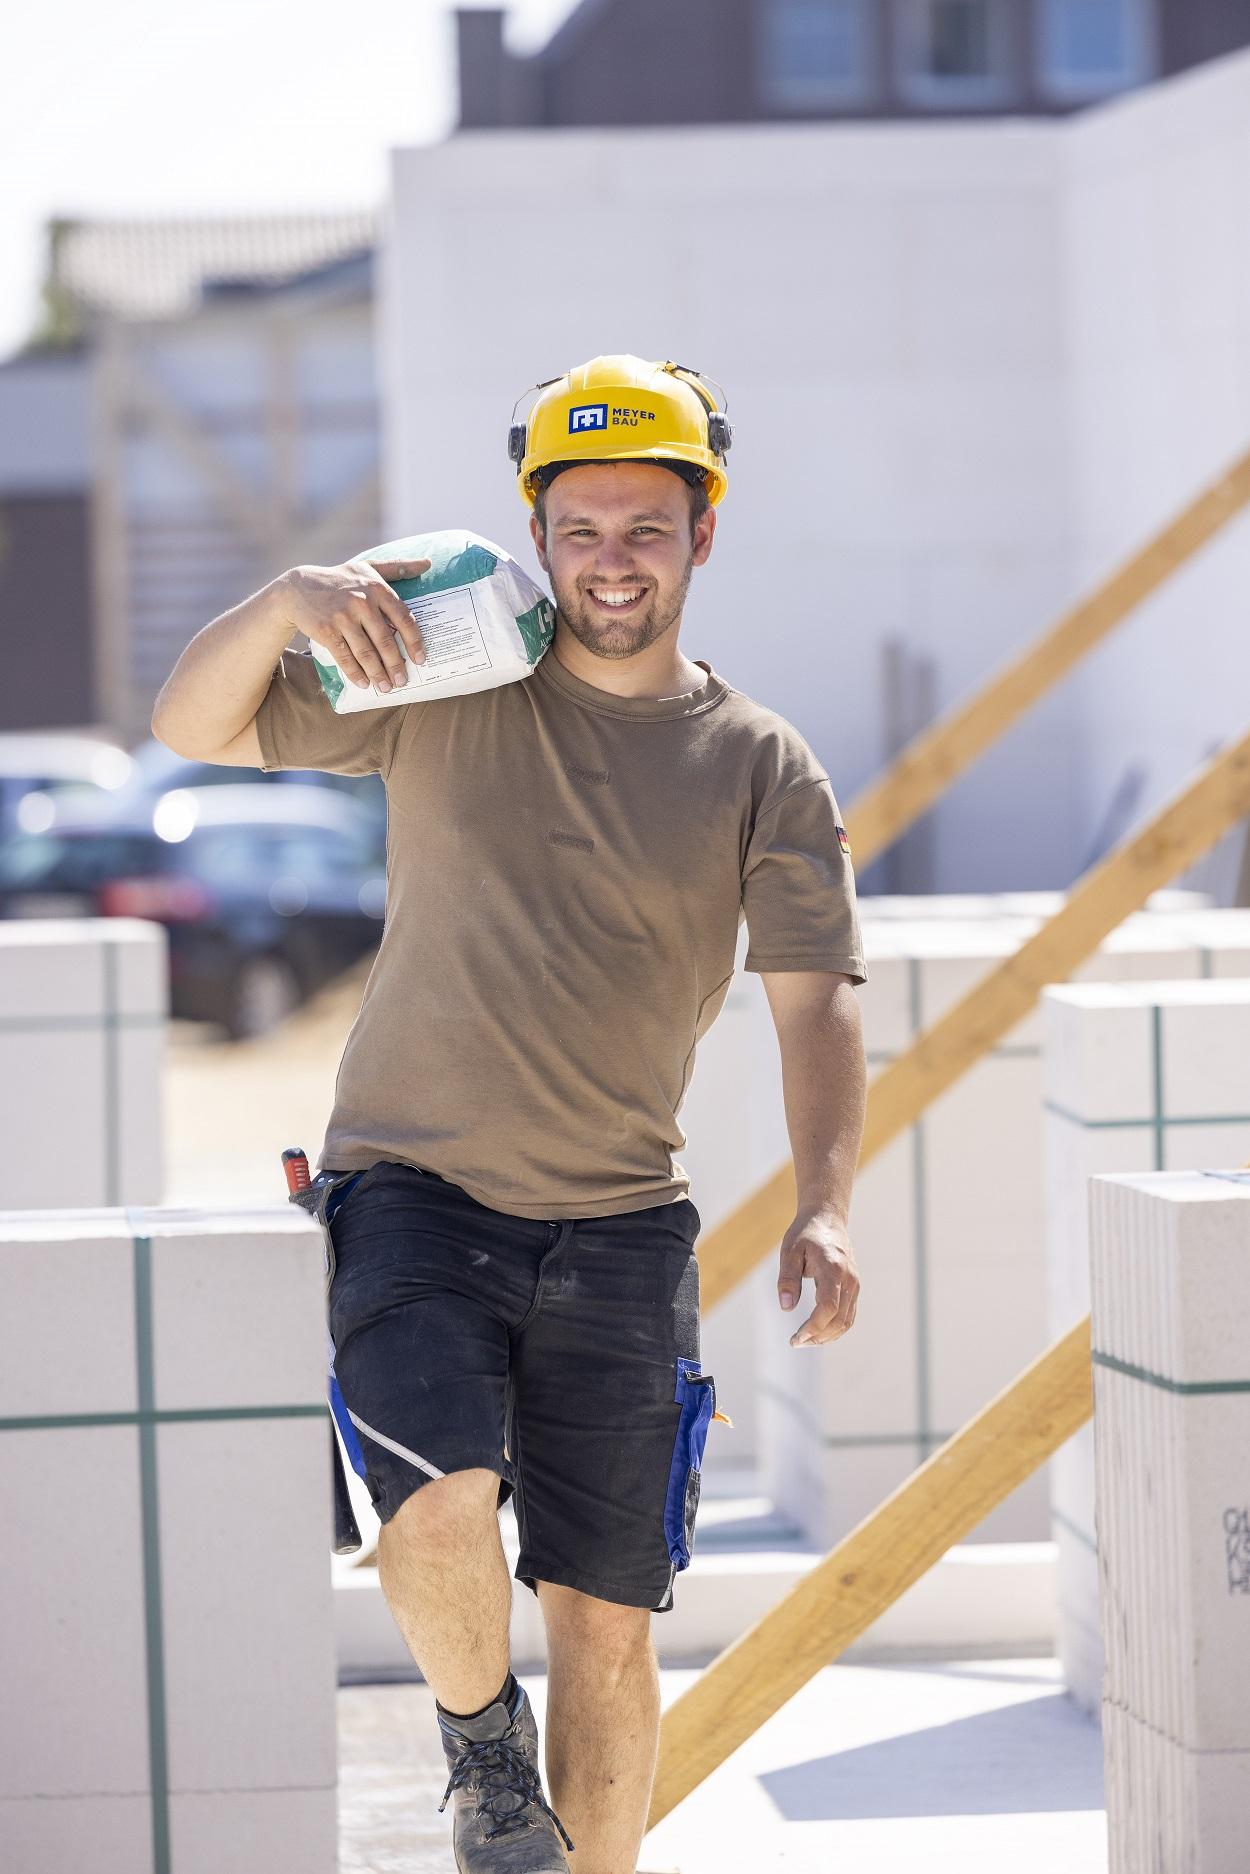 Daniel Meyer Bau Ausbildung Stahl und Betonbauer